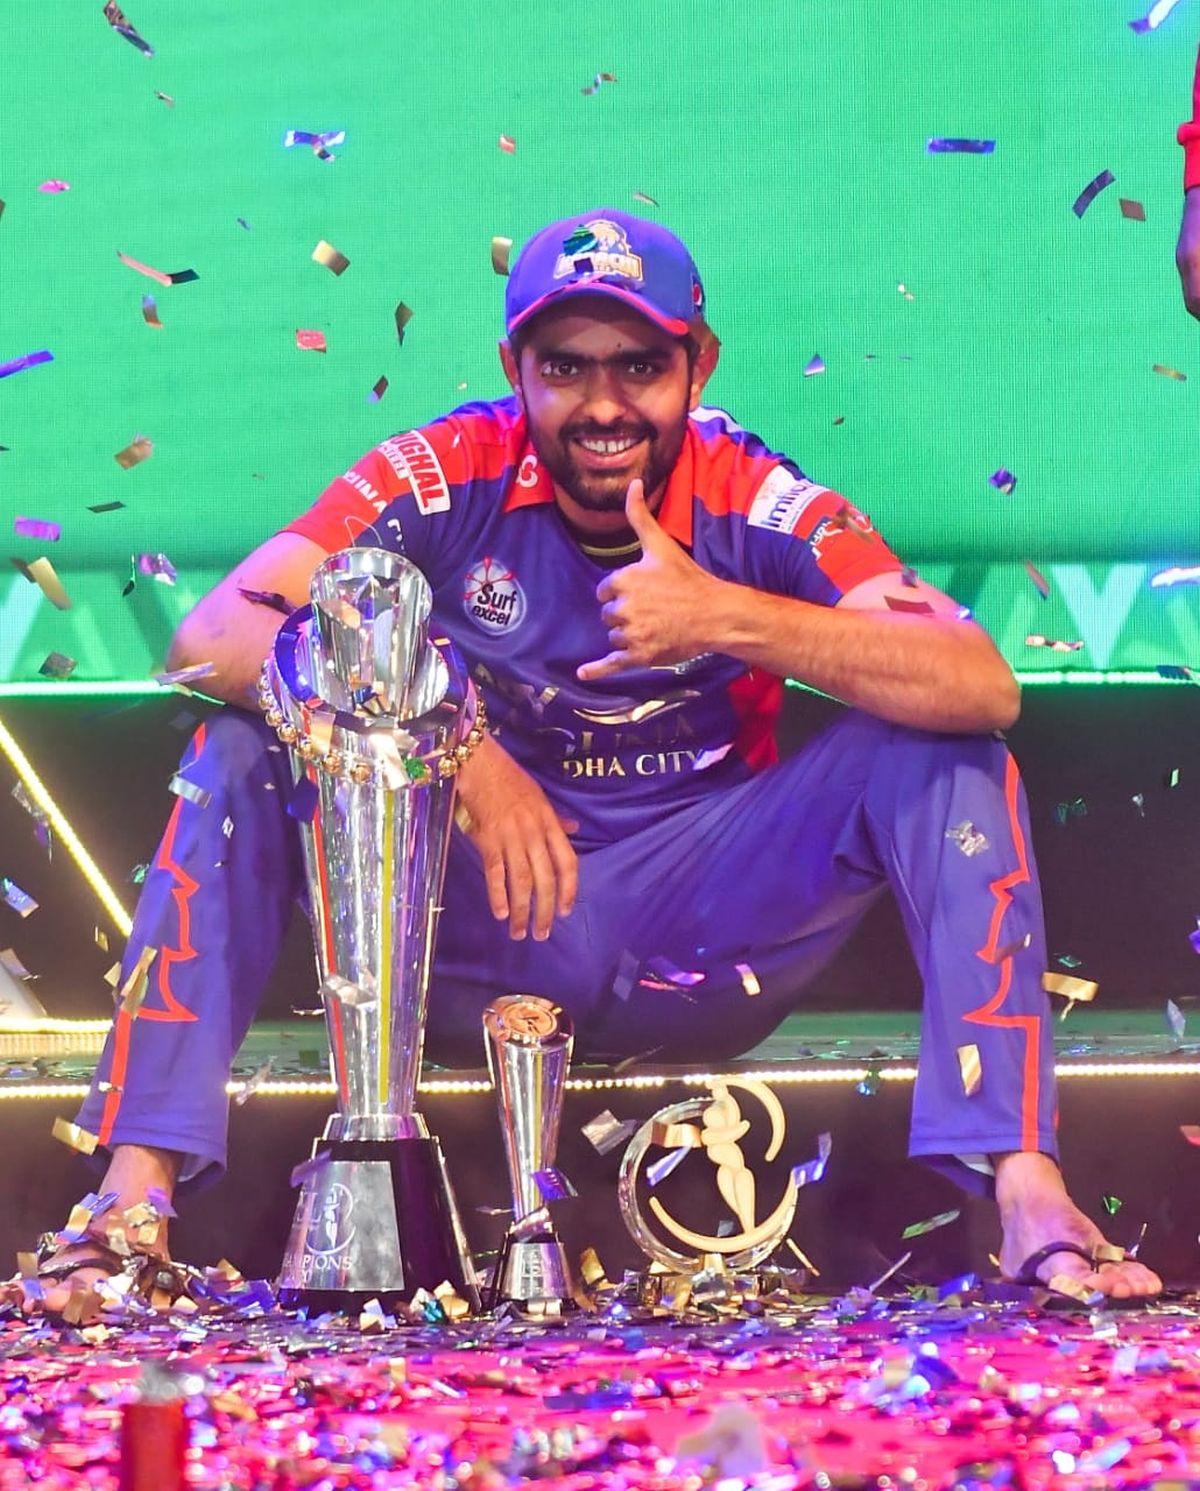 ICC announced IPL not T20 team: Shoaib Akhtar